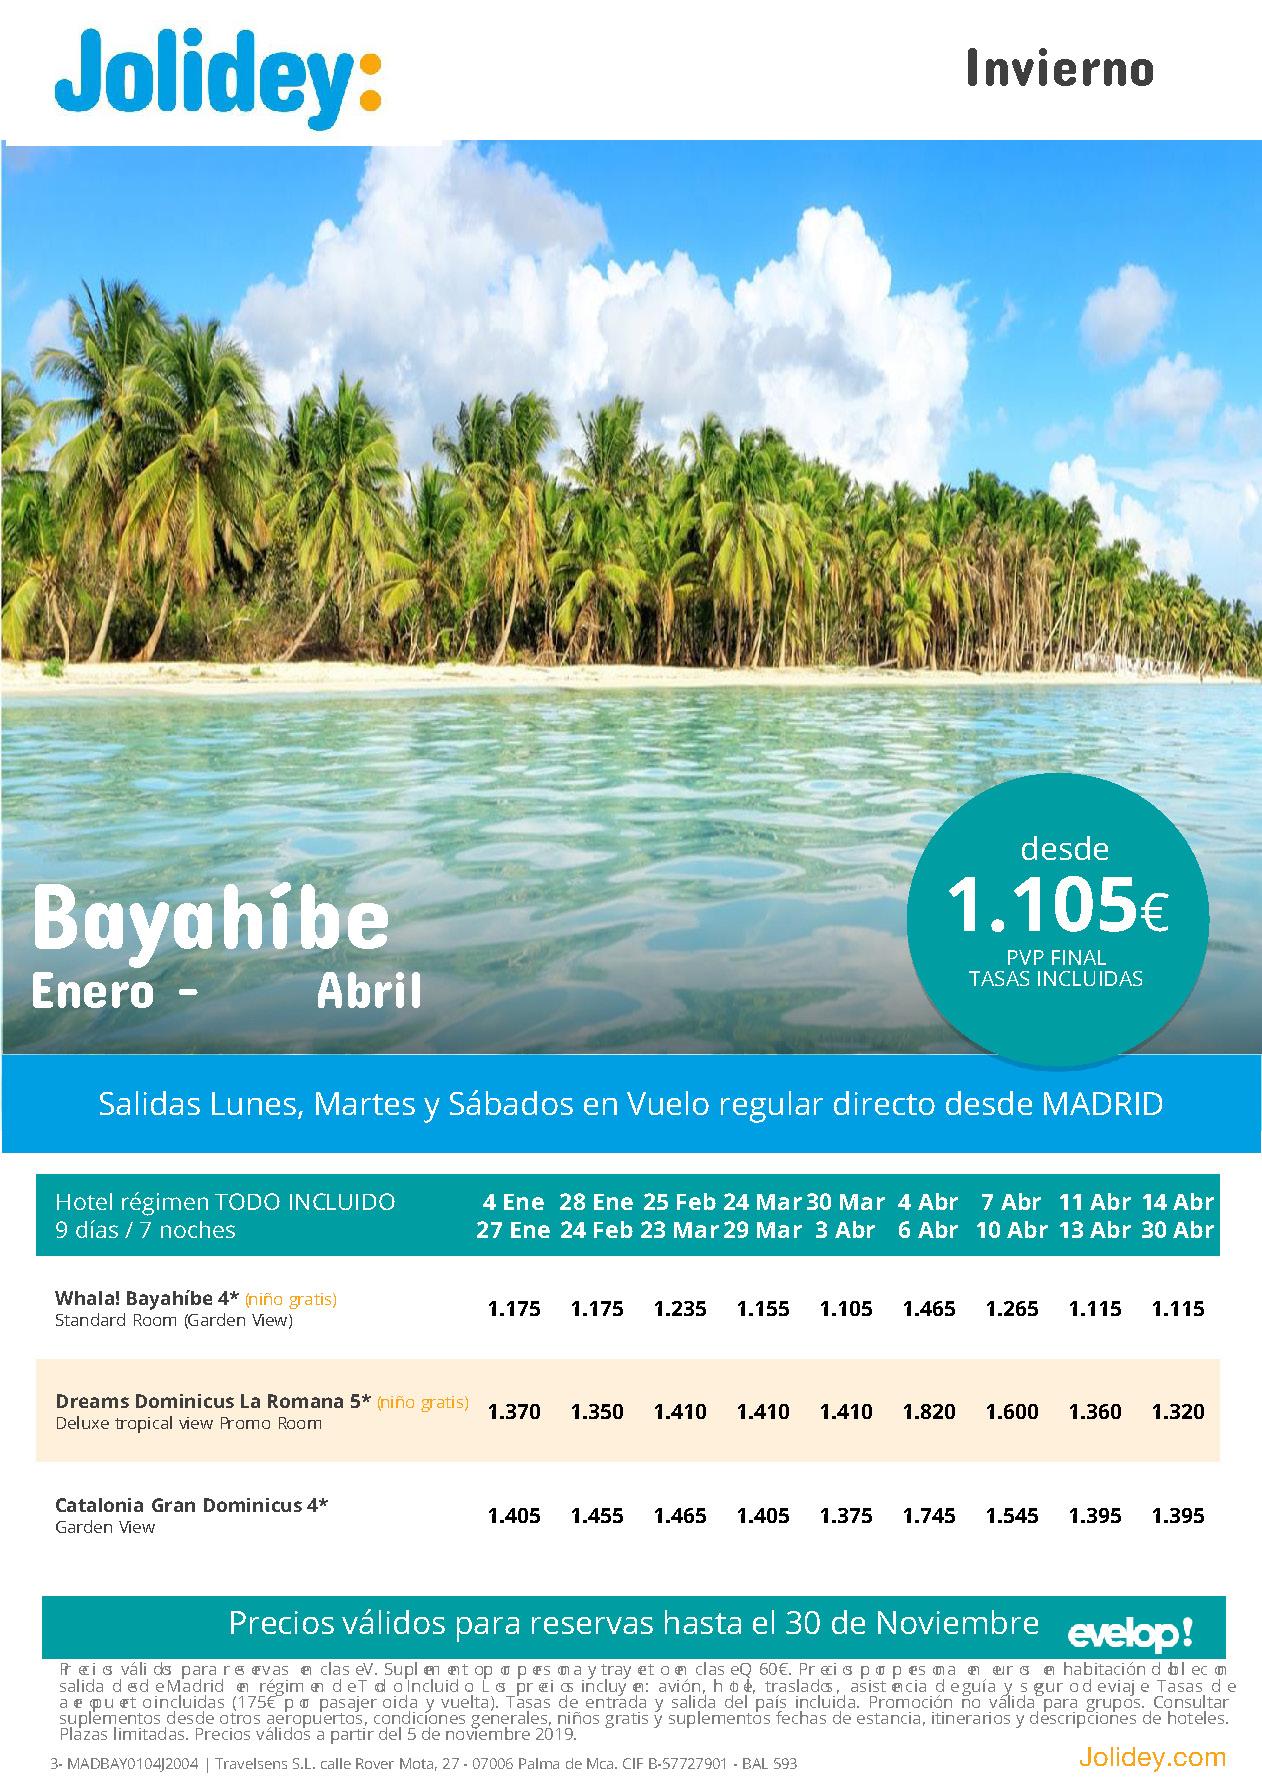 Ofertas Jolidey Vacaciones en Bayahibe Enero a Abril 2020